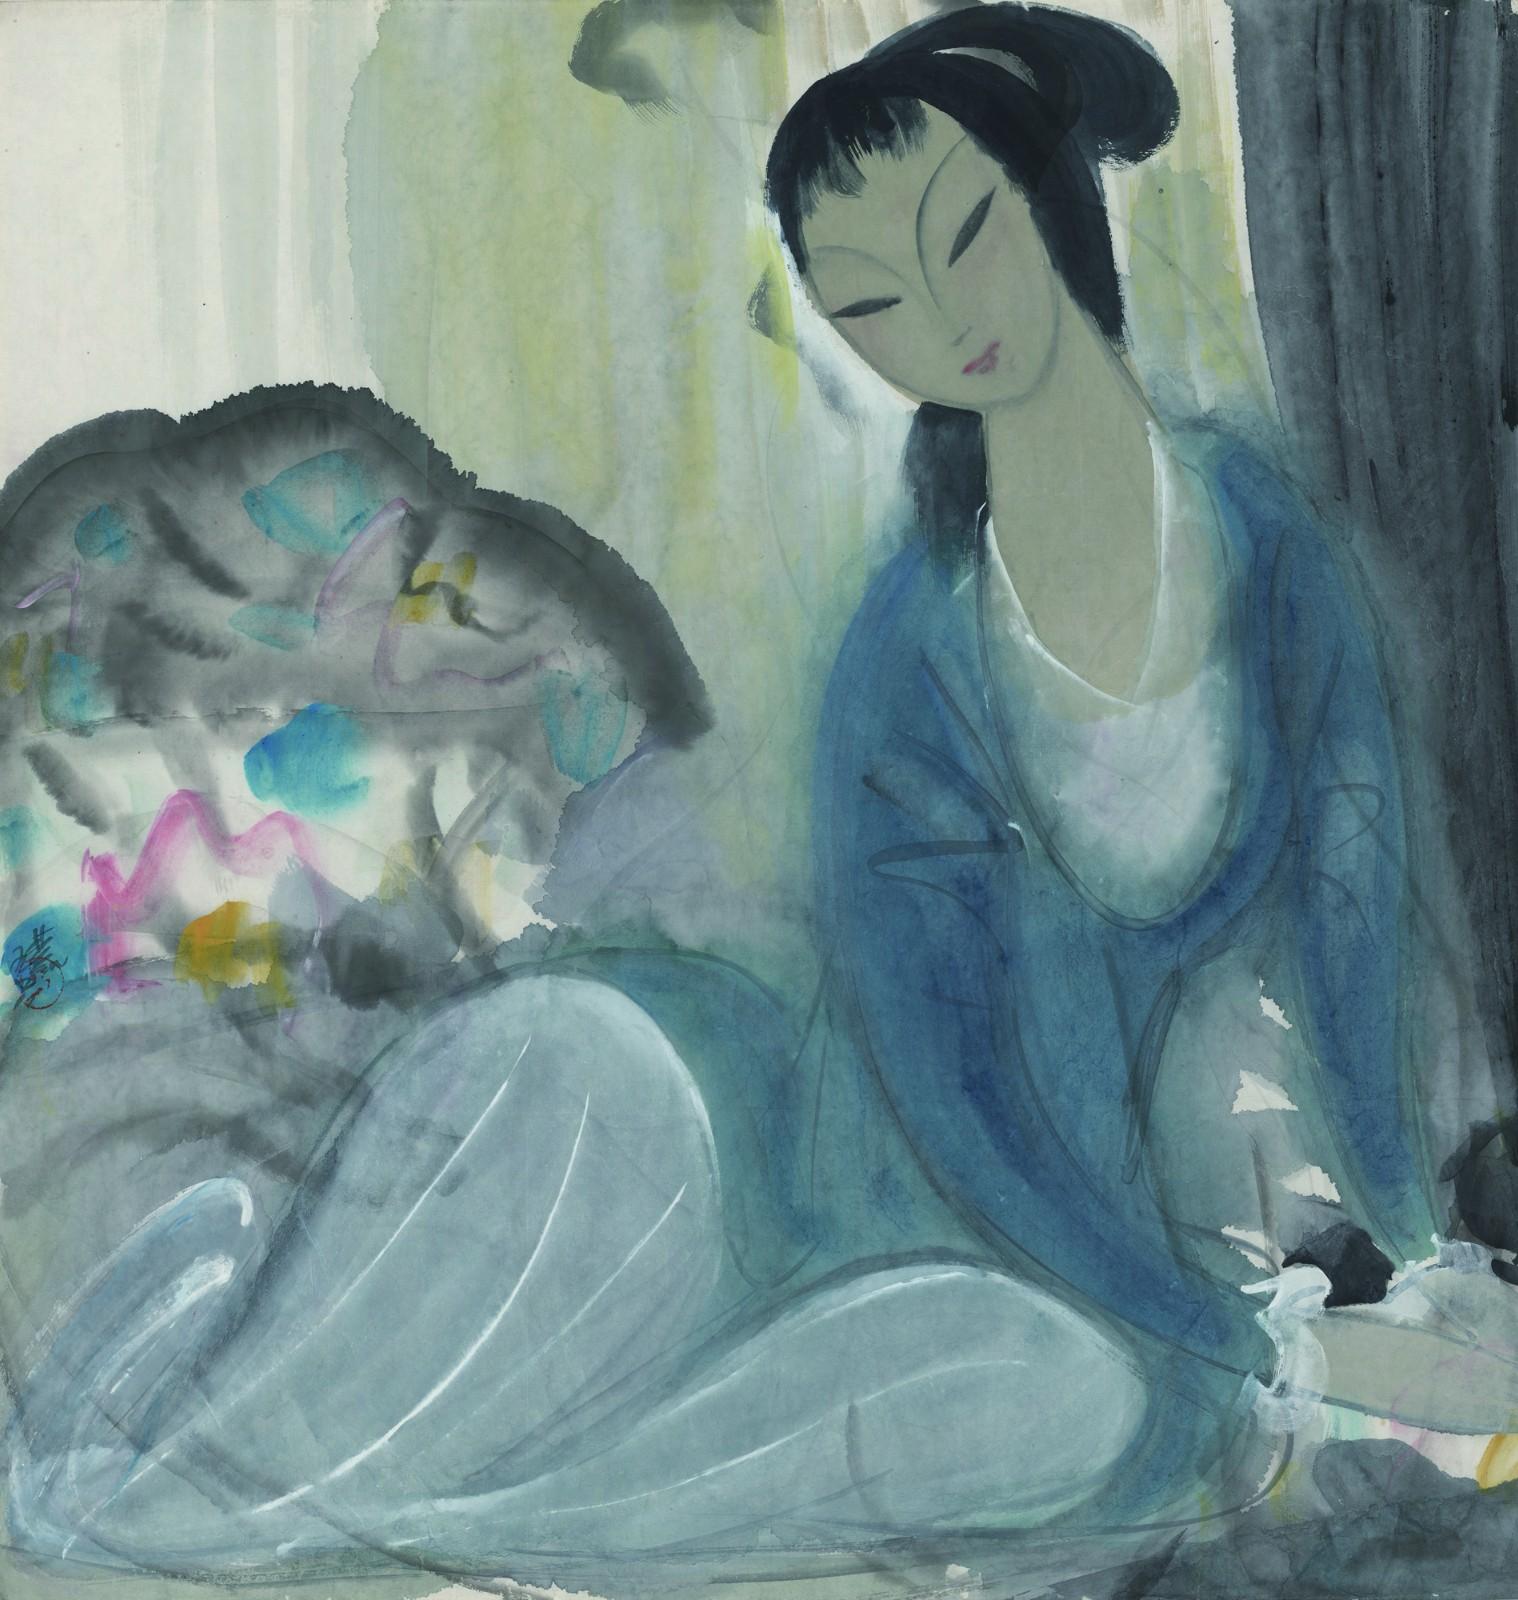 16 林风眠《绿衣仕女》69×66cm 1950年  中华艺术宫藏.jpg